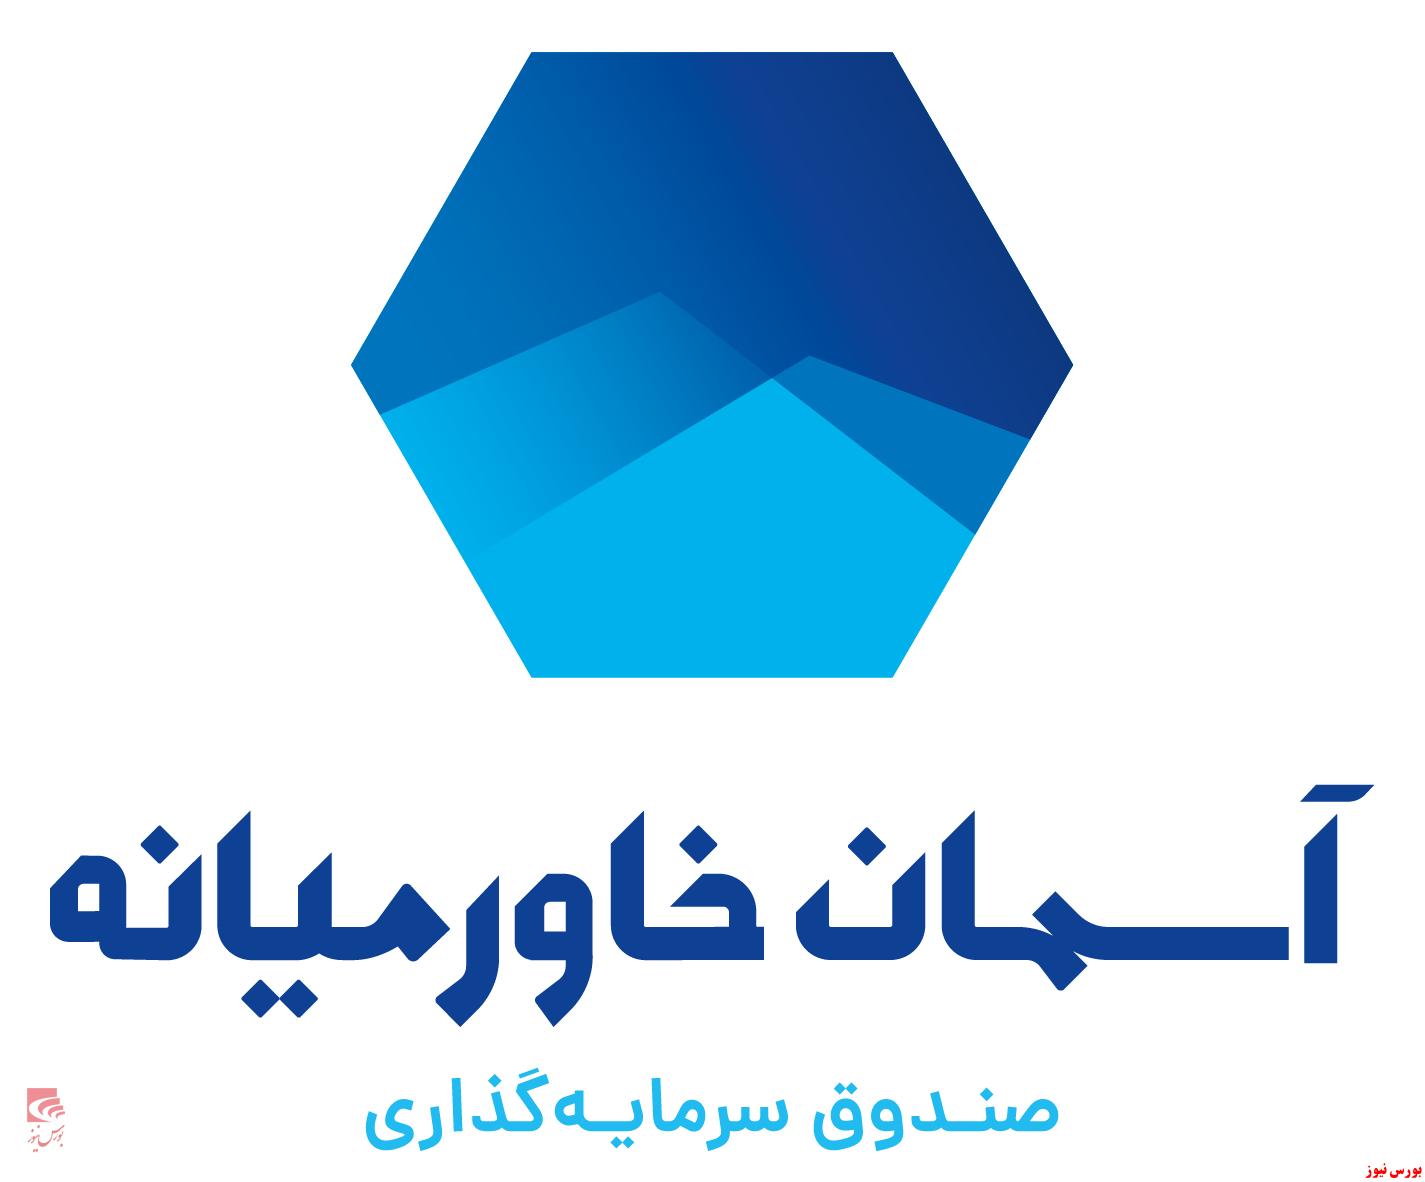 بازدهی ۱۴۶ درصدی صندوق «مشترک آسمان خاورمیانه»